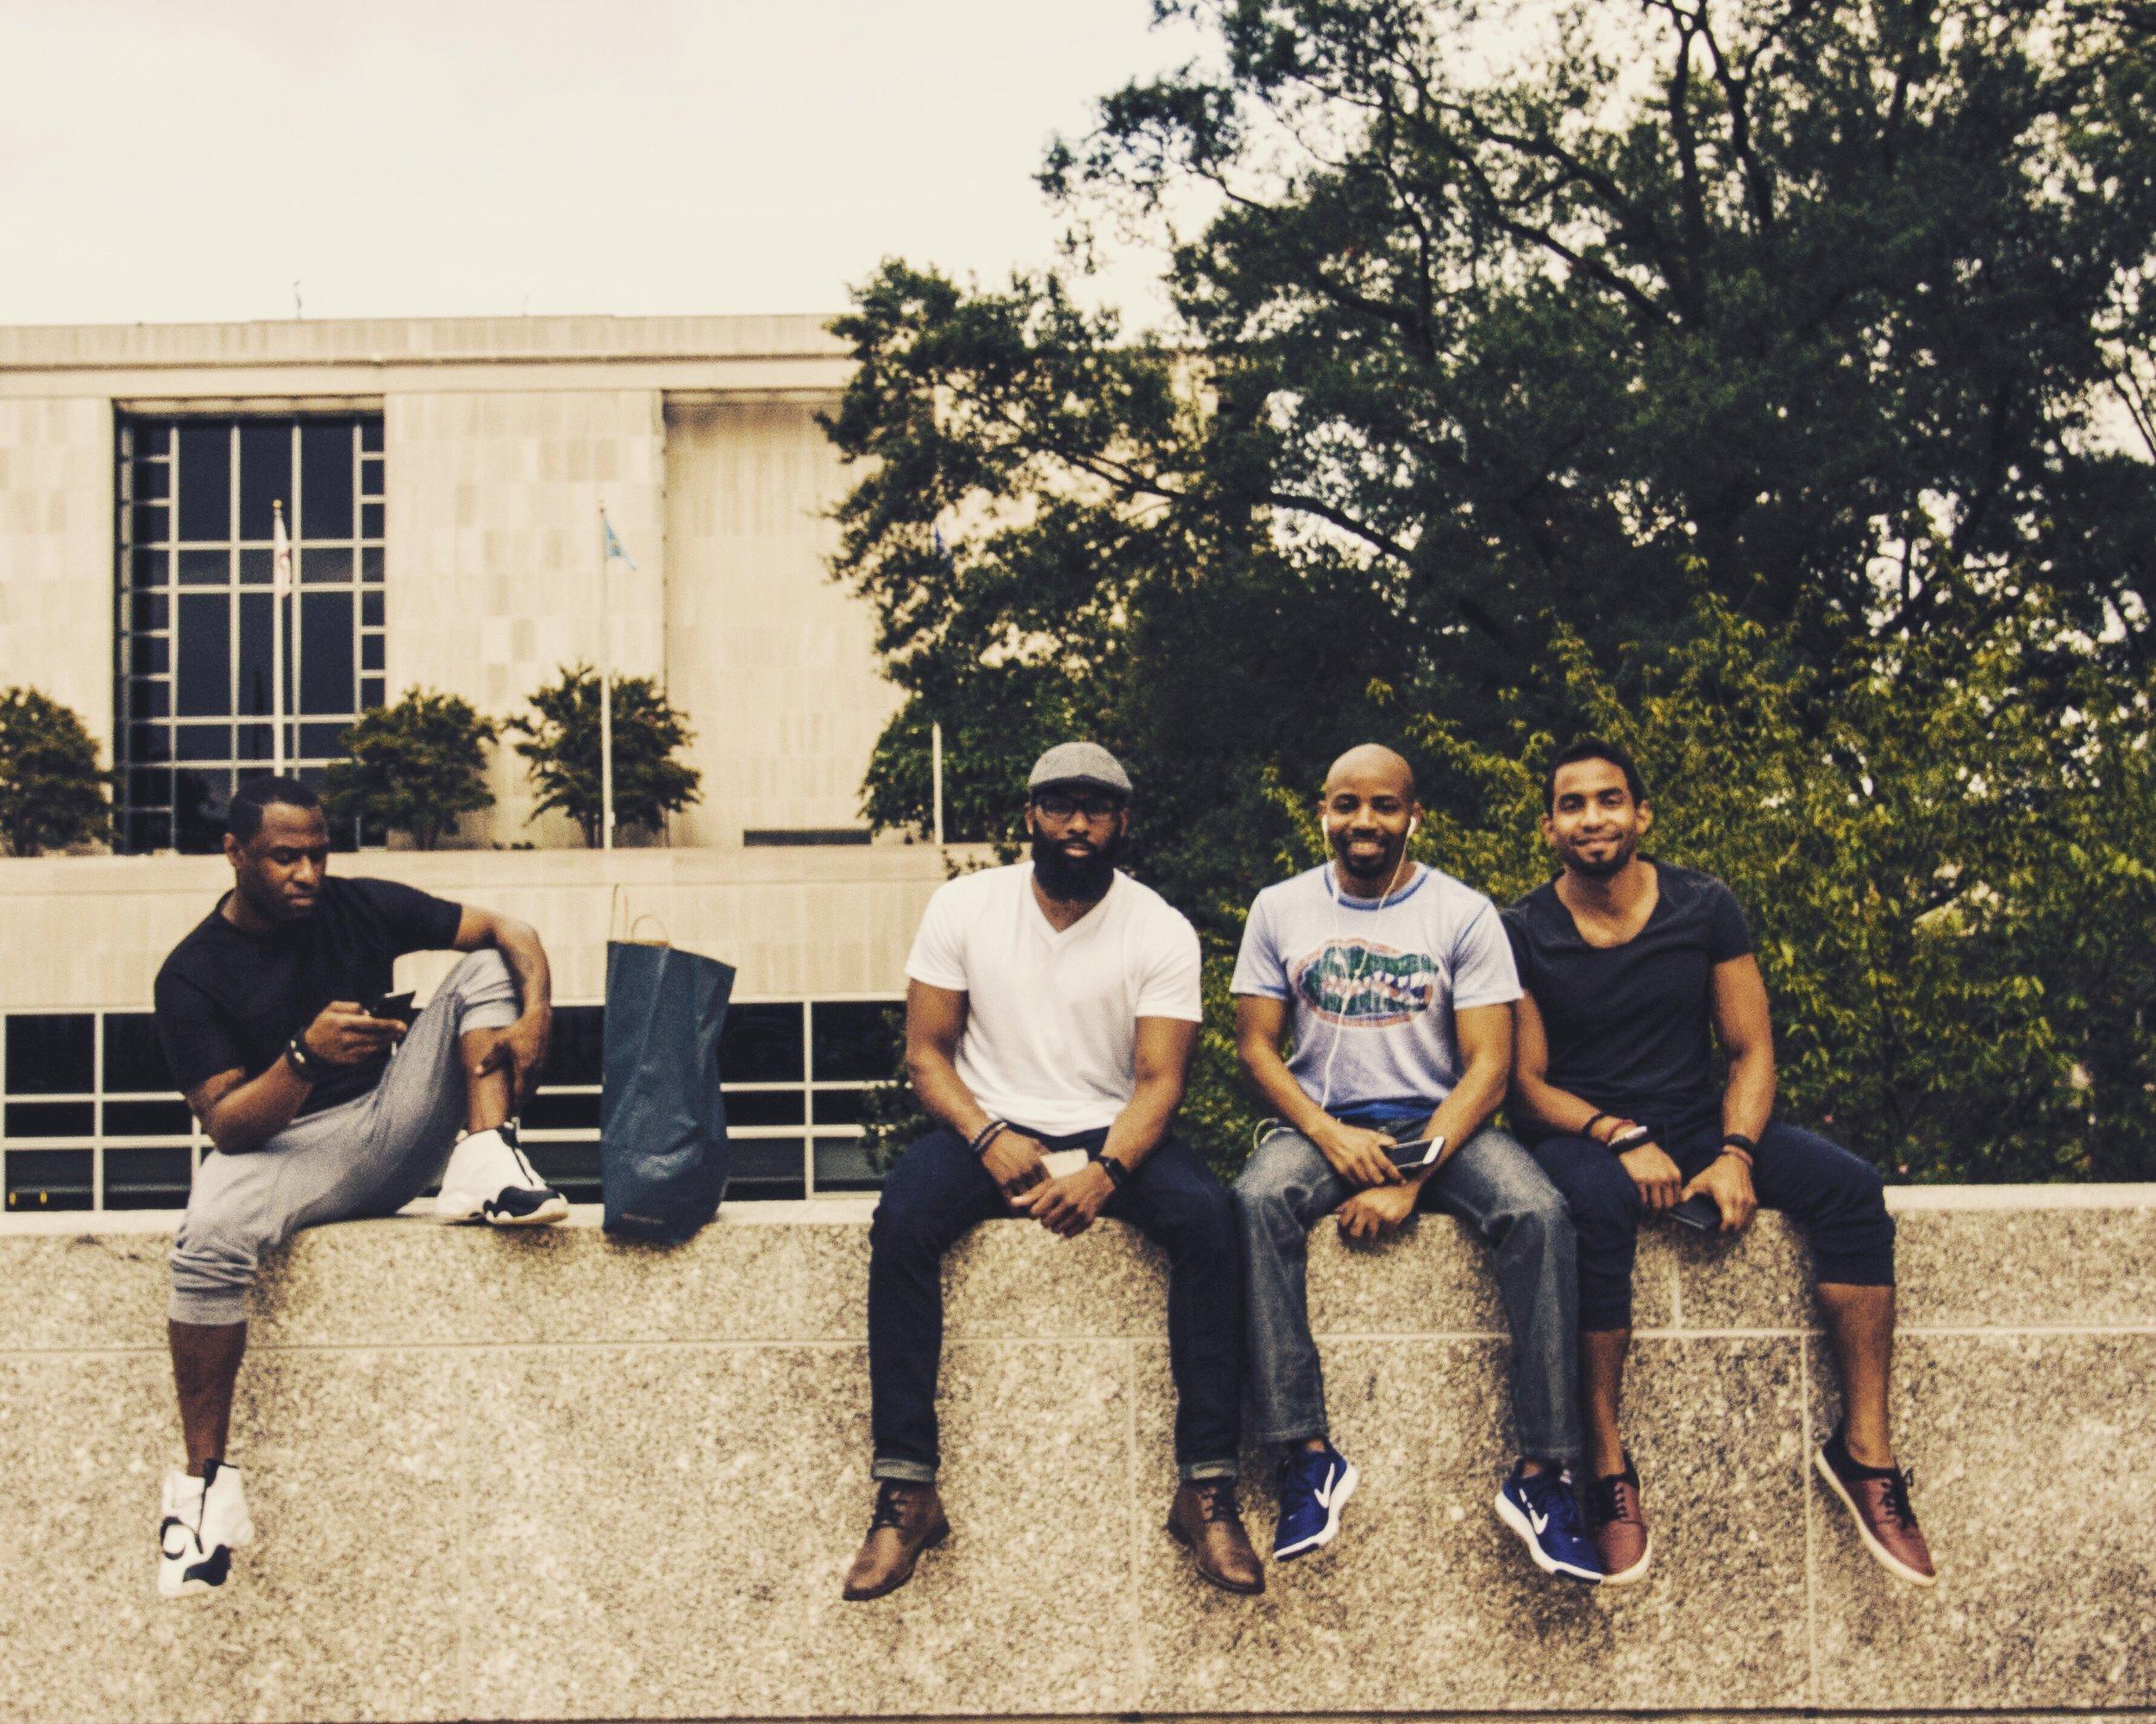 Black men_friends_bros.jpg